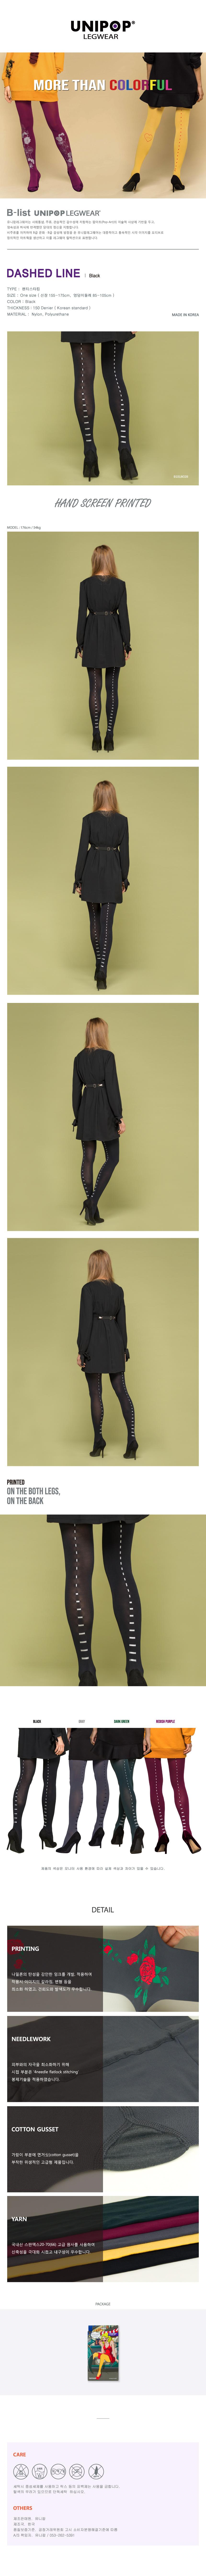 유니팝 레그웨어(UNIPOP LEGWEAR) DASHED LINE - black